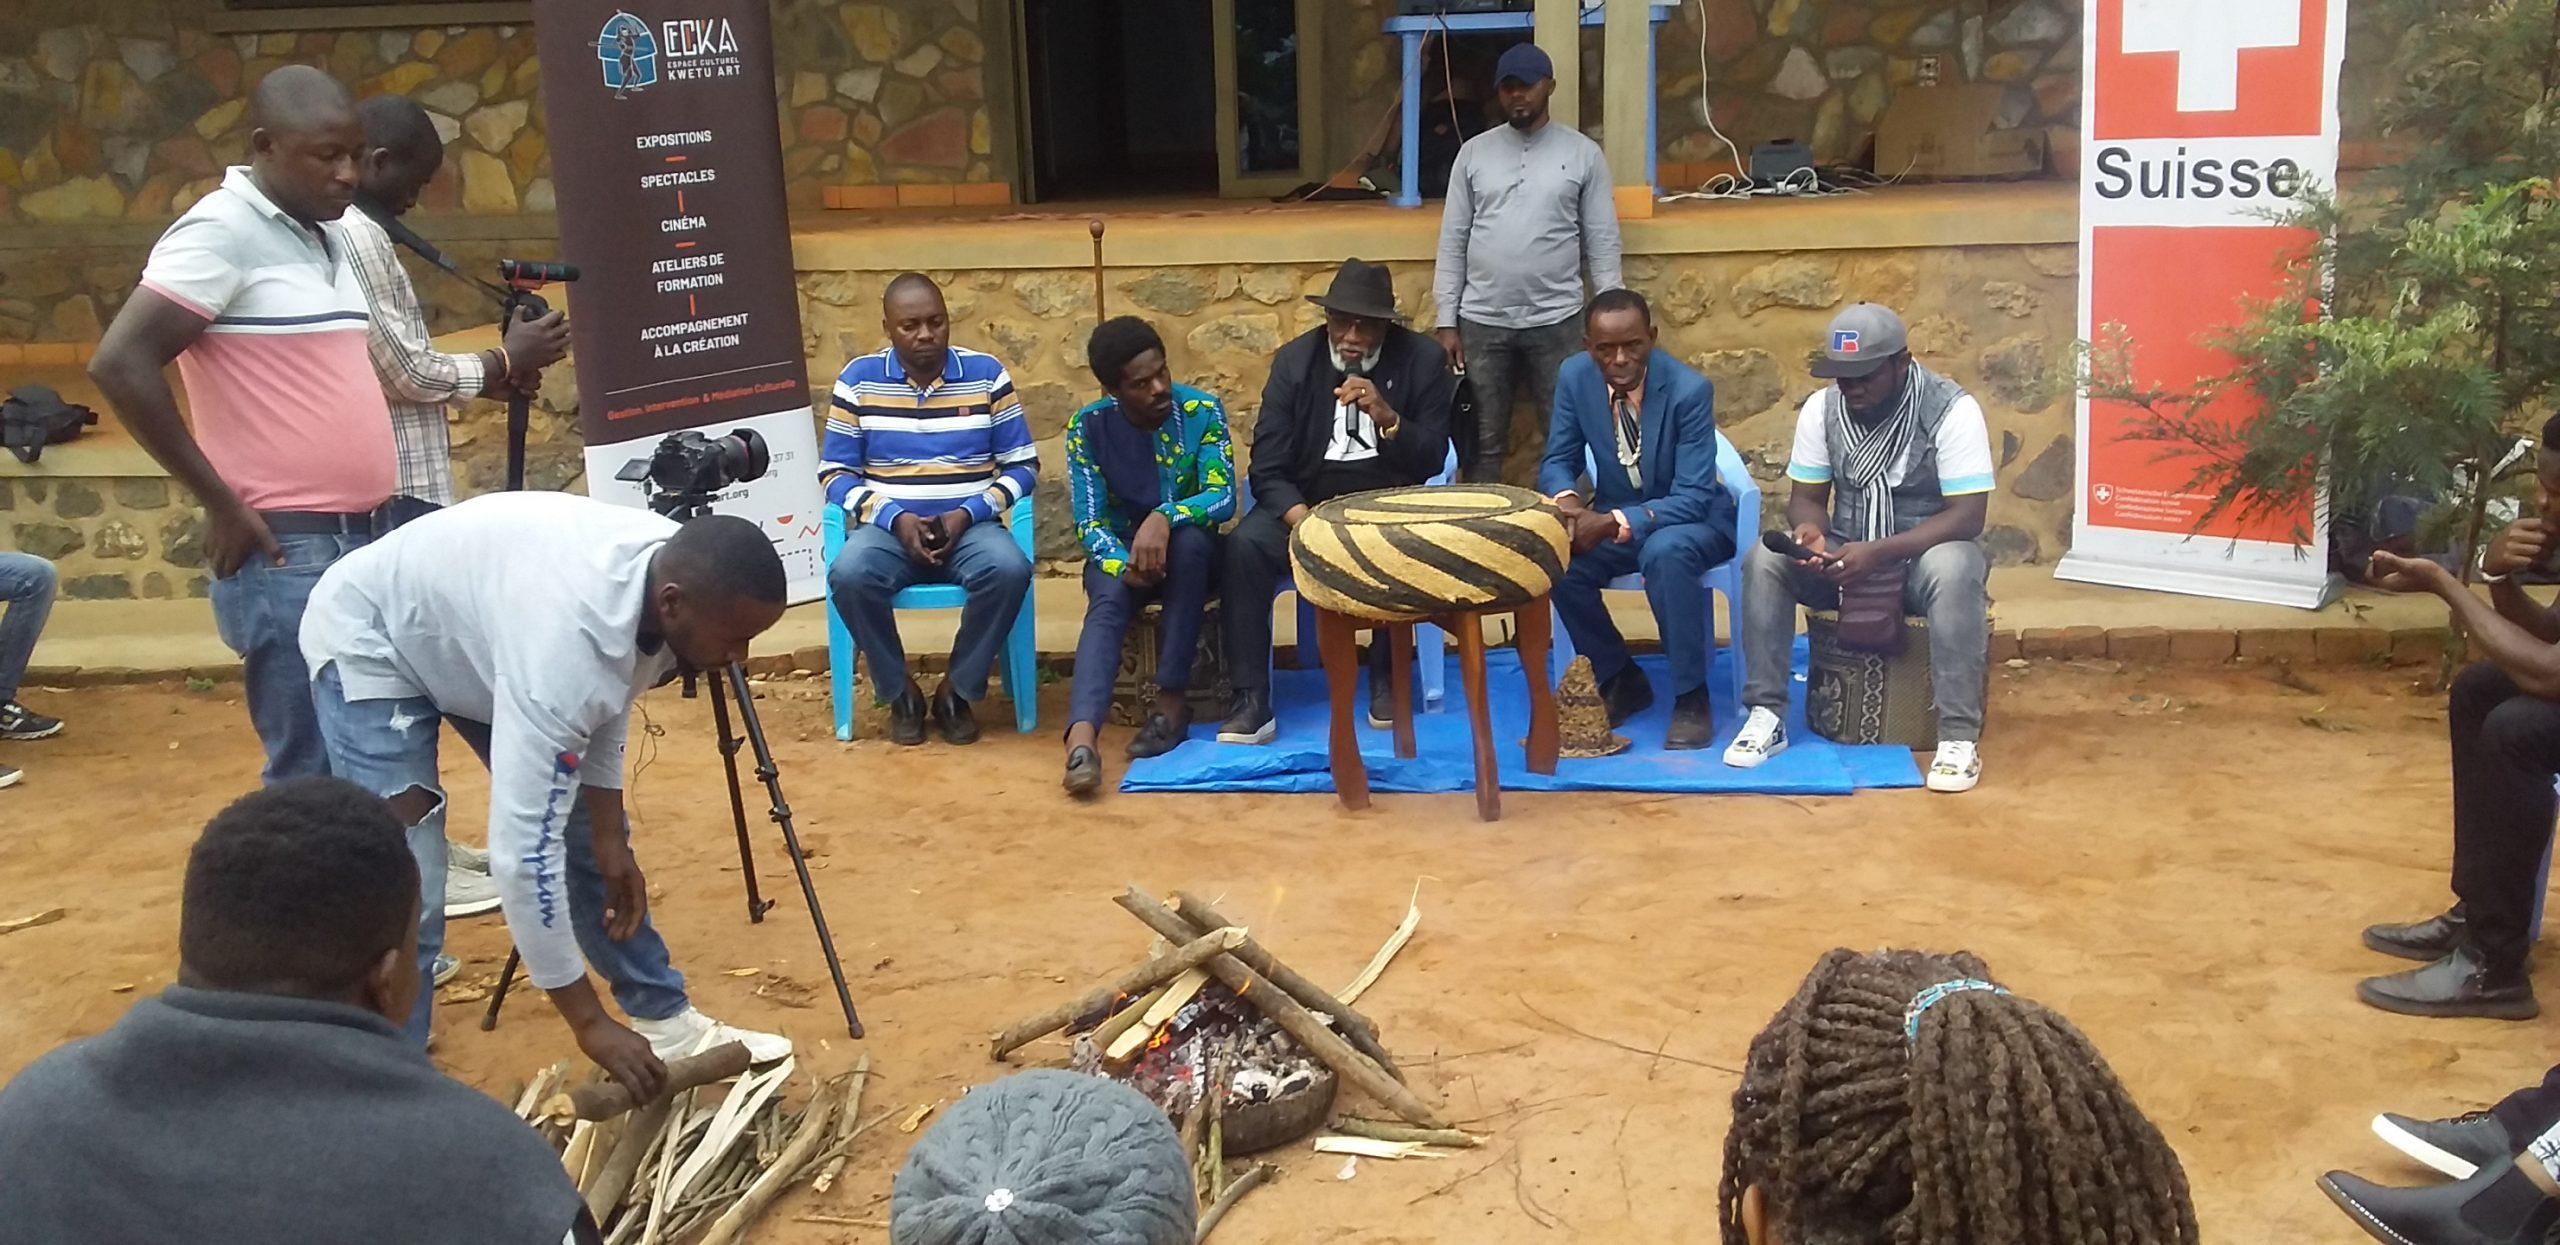 Sud-Kivu/Autour du feu : » Etre fils d'un moyenne gura hope veut dire être model dans une société qui te braque les yeux.» Marcelin CISHAMBO